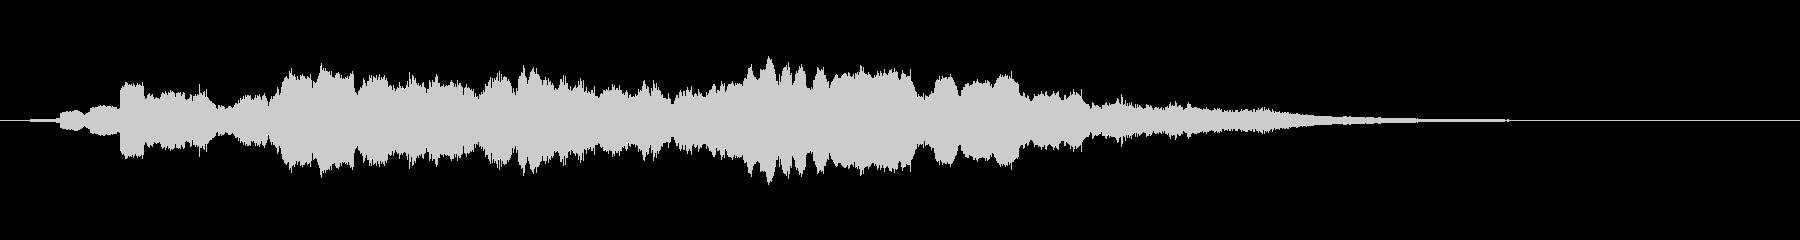 怖い感じのするサウンドの未再生の波形